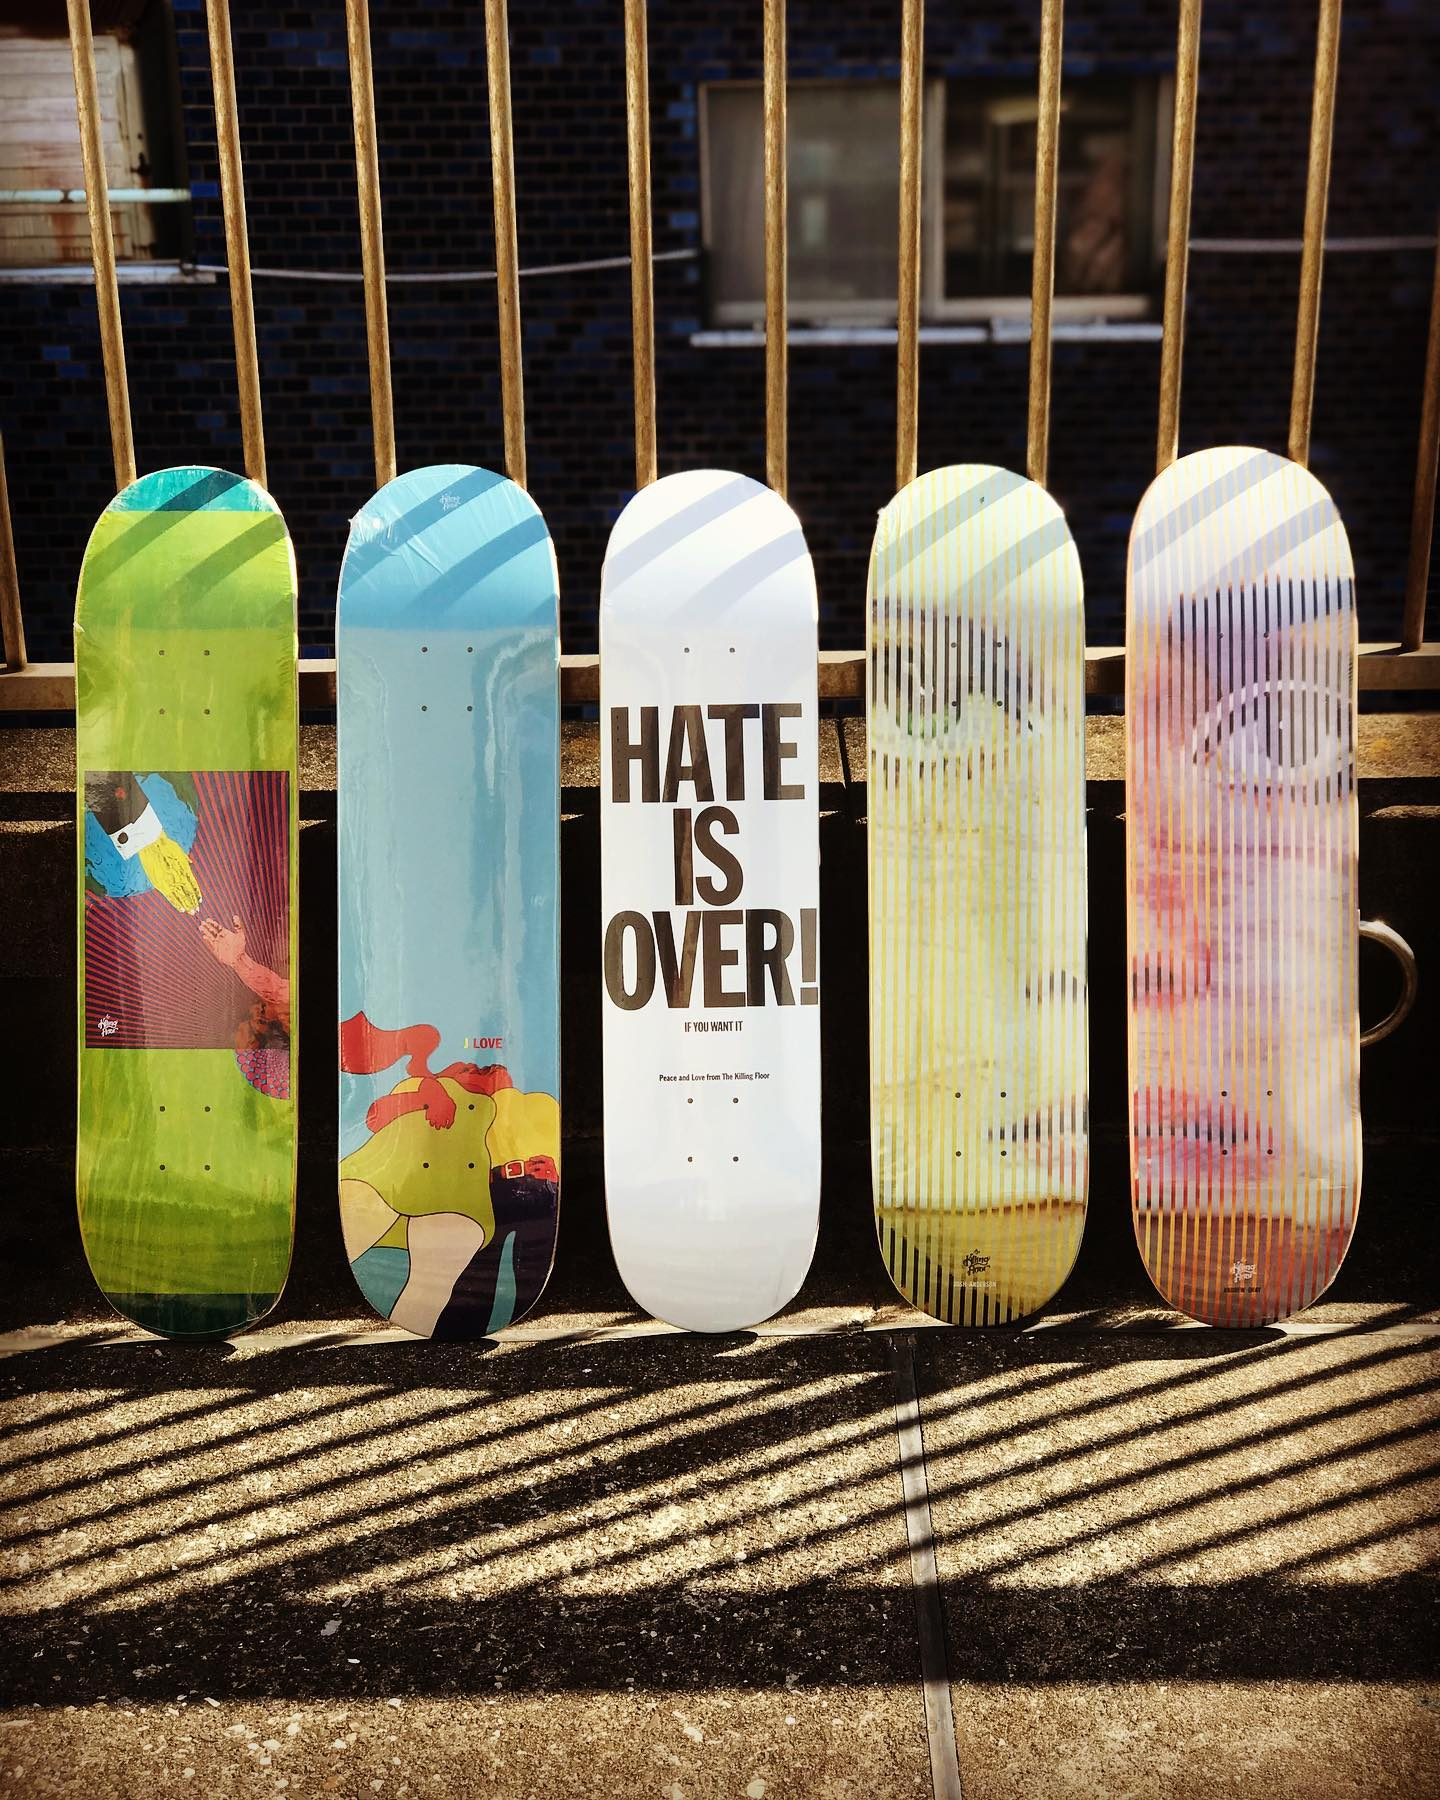 ・New @thekillingfloor decks.オレゴン州ポートランド発スケートボードカンパニー「The Killing Floor|キリングフロア」。唯一無二のグラフィックセンスはとても評価が高く、右2枚の再販モデルは @vogue でも紹介されています。